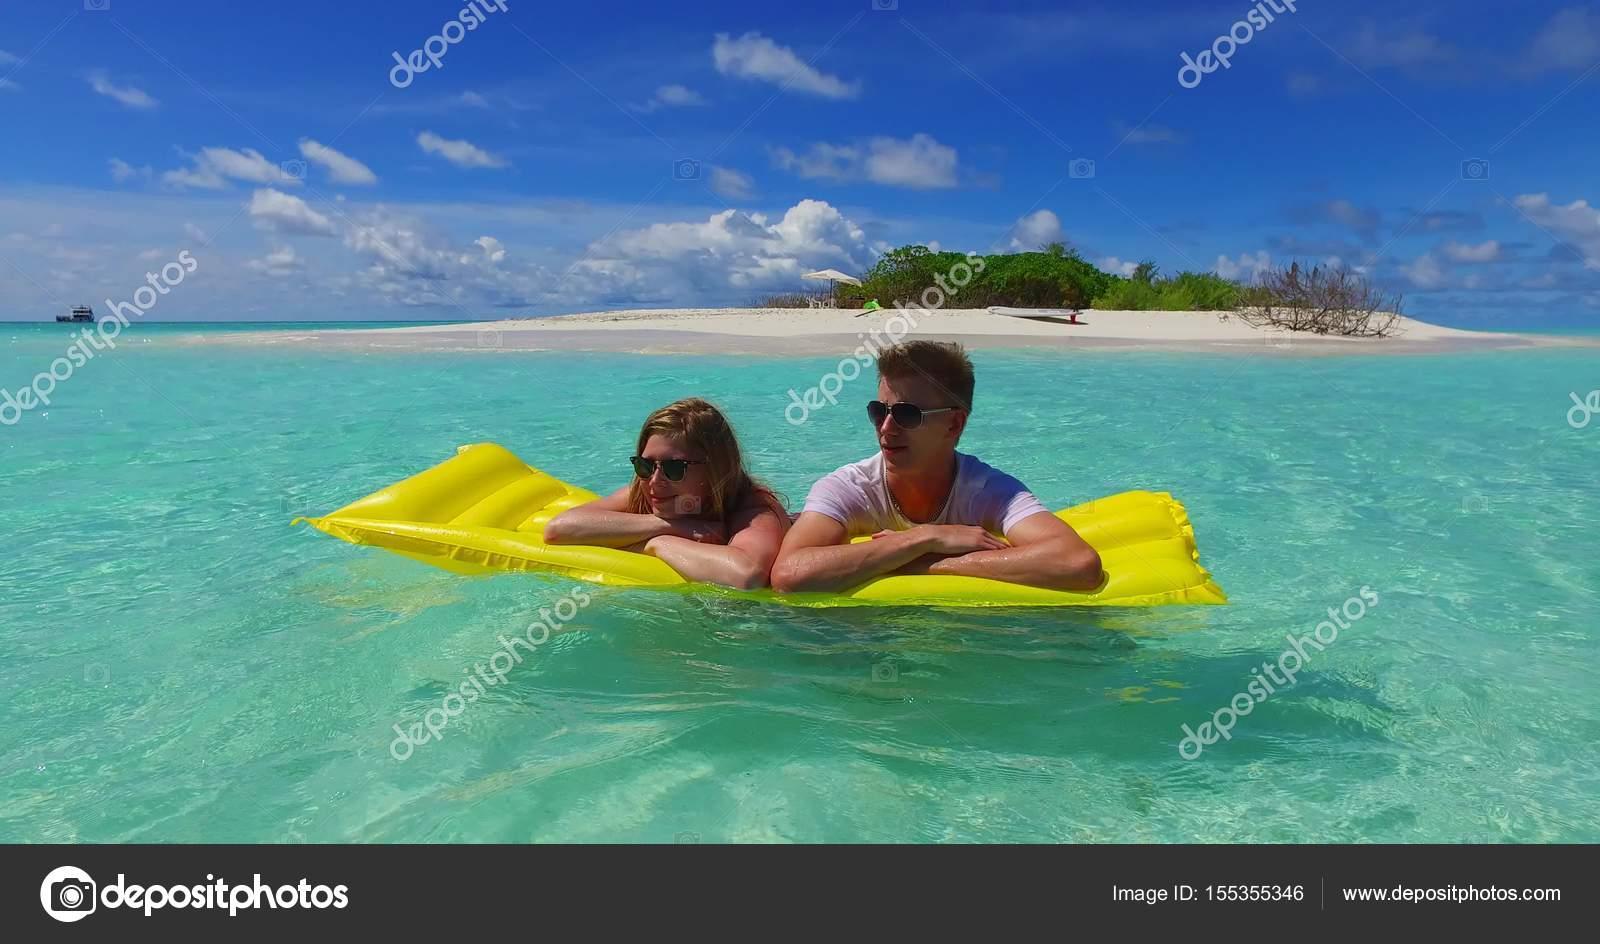 v07266 4 k malediven wei en sandstrand 2 menschen junges paar mann frau auf luftmatratze. Black Bedroom Furniture Sets. Home Design Ideas